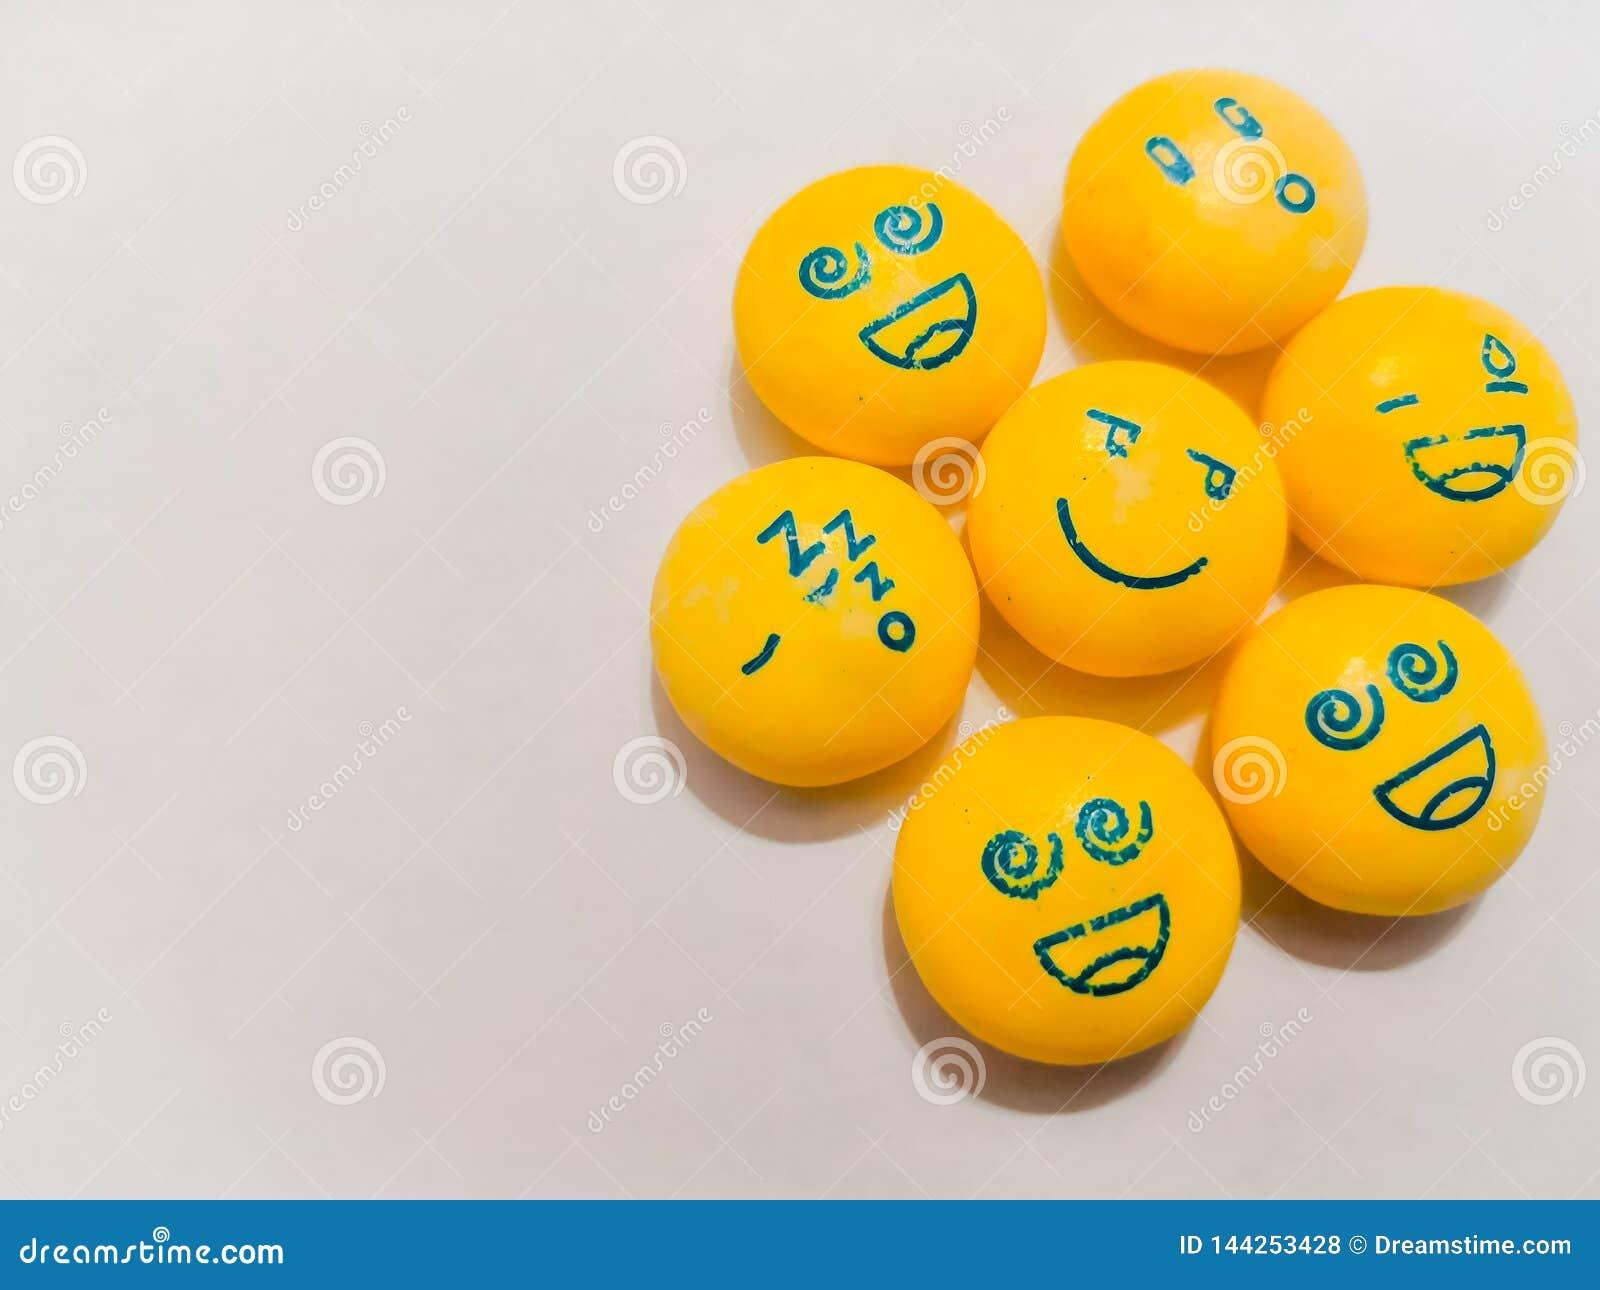 Sleeping, sad, happy smiles, emotions